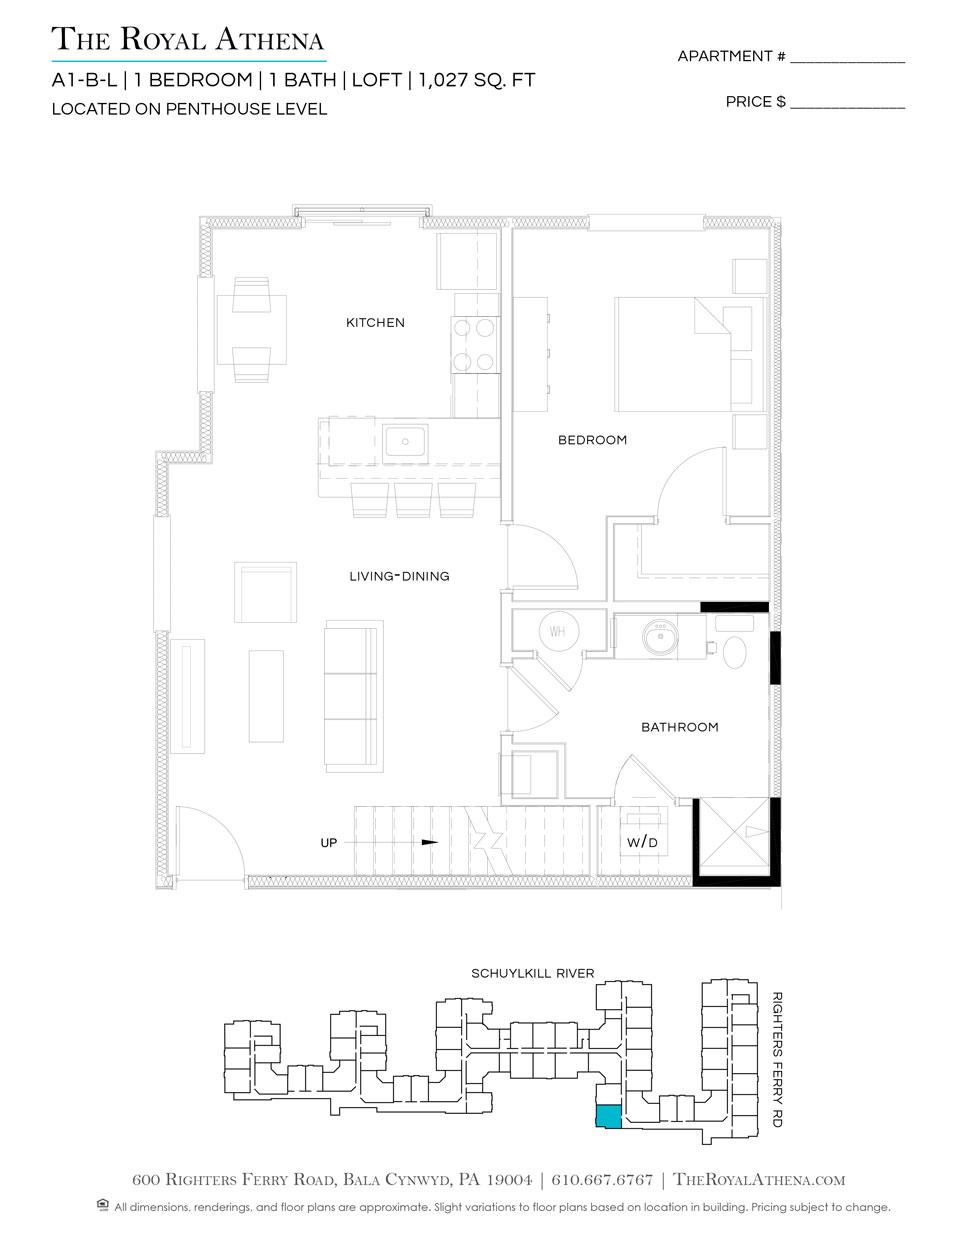 P0659218 a1 b l1 1 2 floorplan